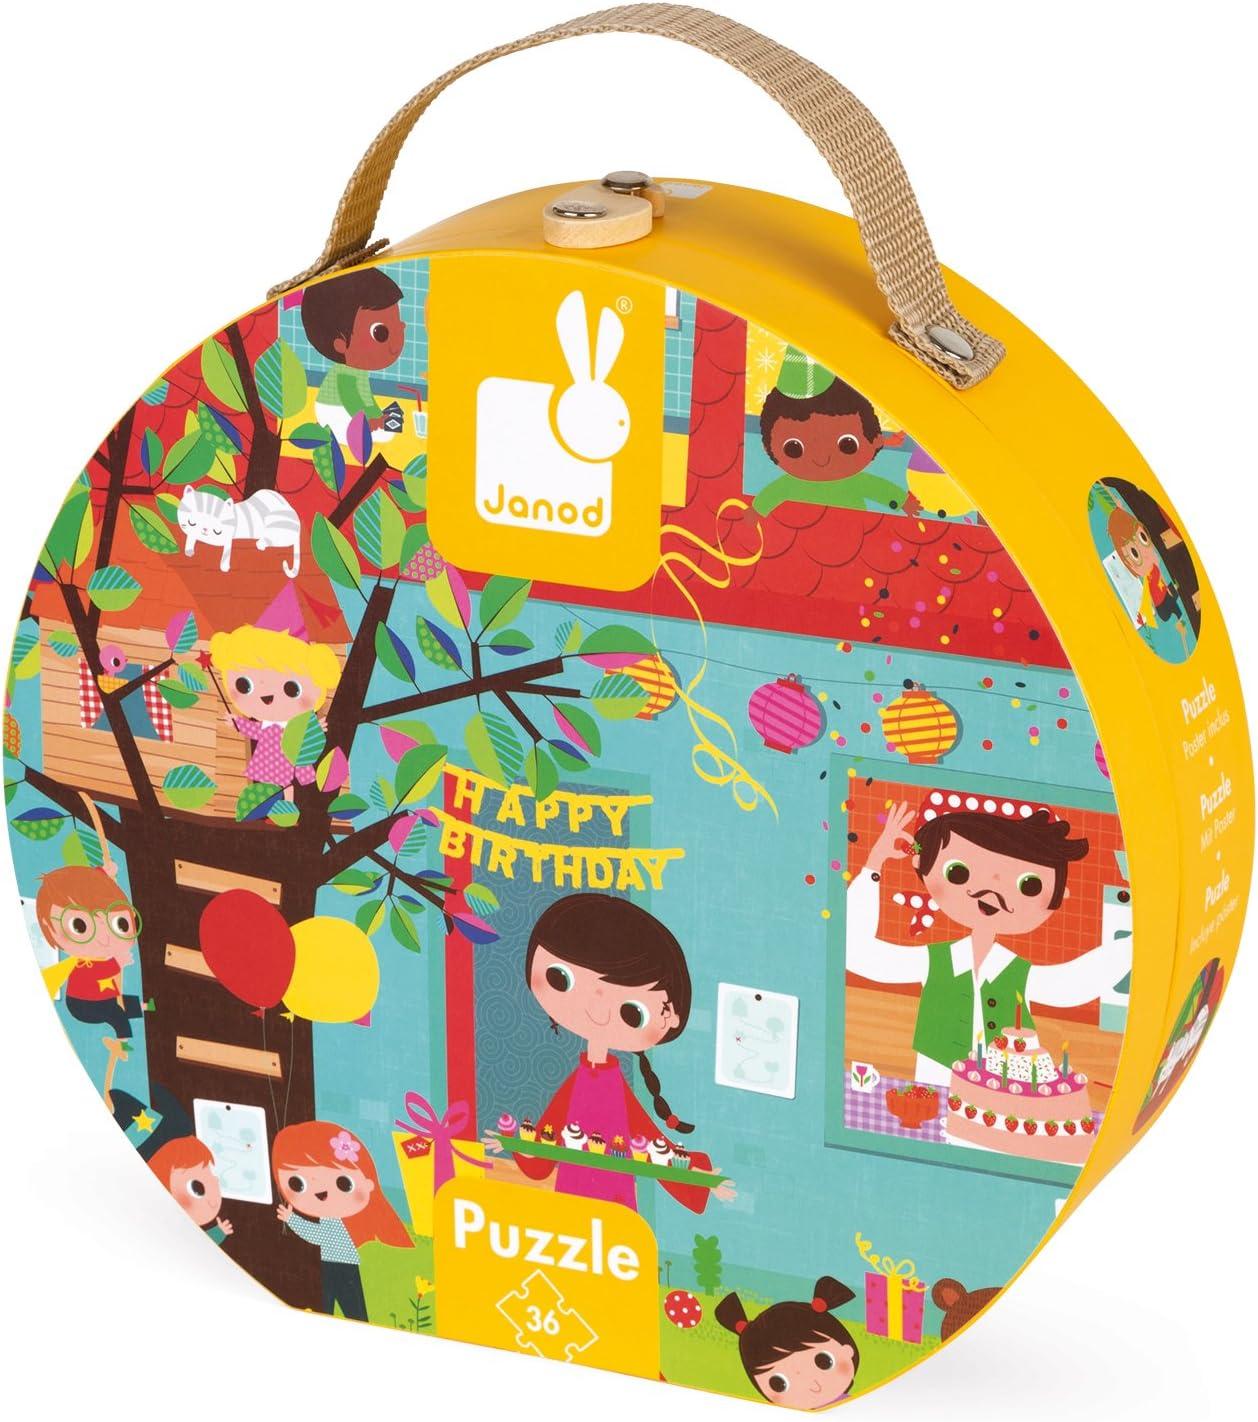 J02764 Multicolore 36 Pezzi in Valigetta Rotonda Janod- Festa di Compleanno Puzzle